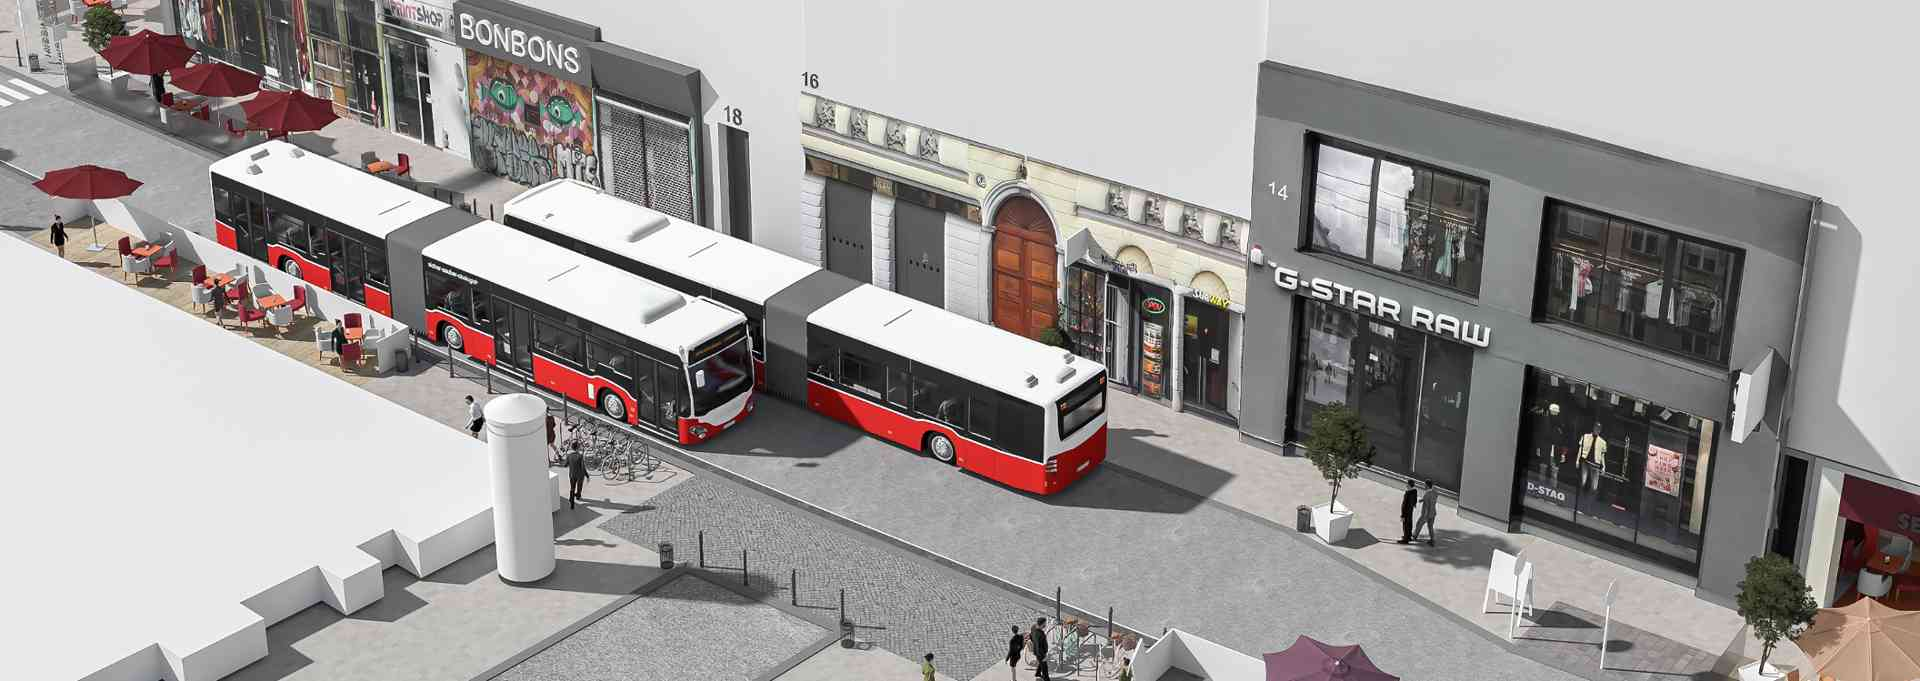 Die meistgenutzte Buslinie Wiens kann während des U-Bahn-Baus nicht über die Kirchengasse fahren.